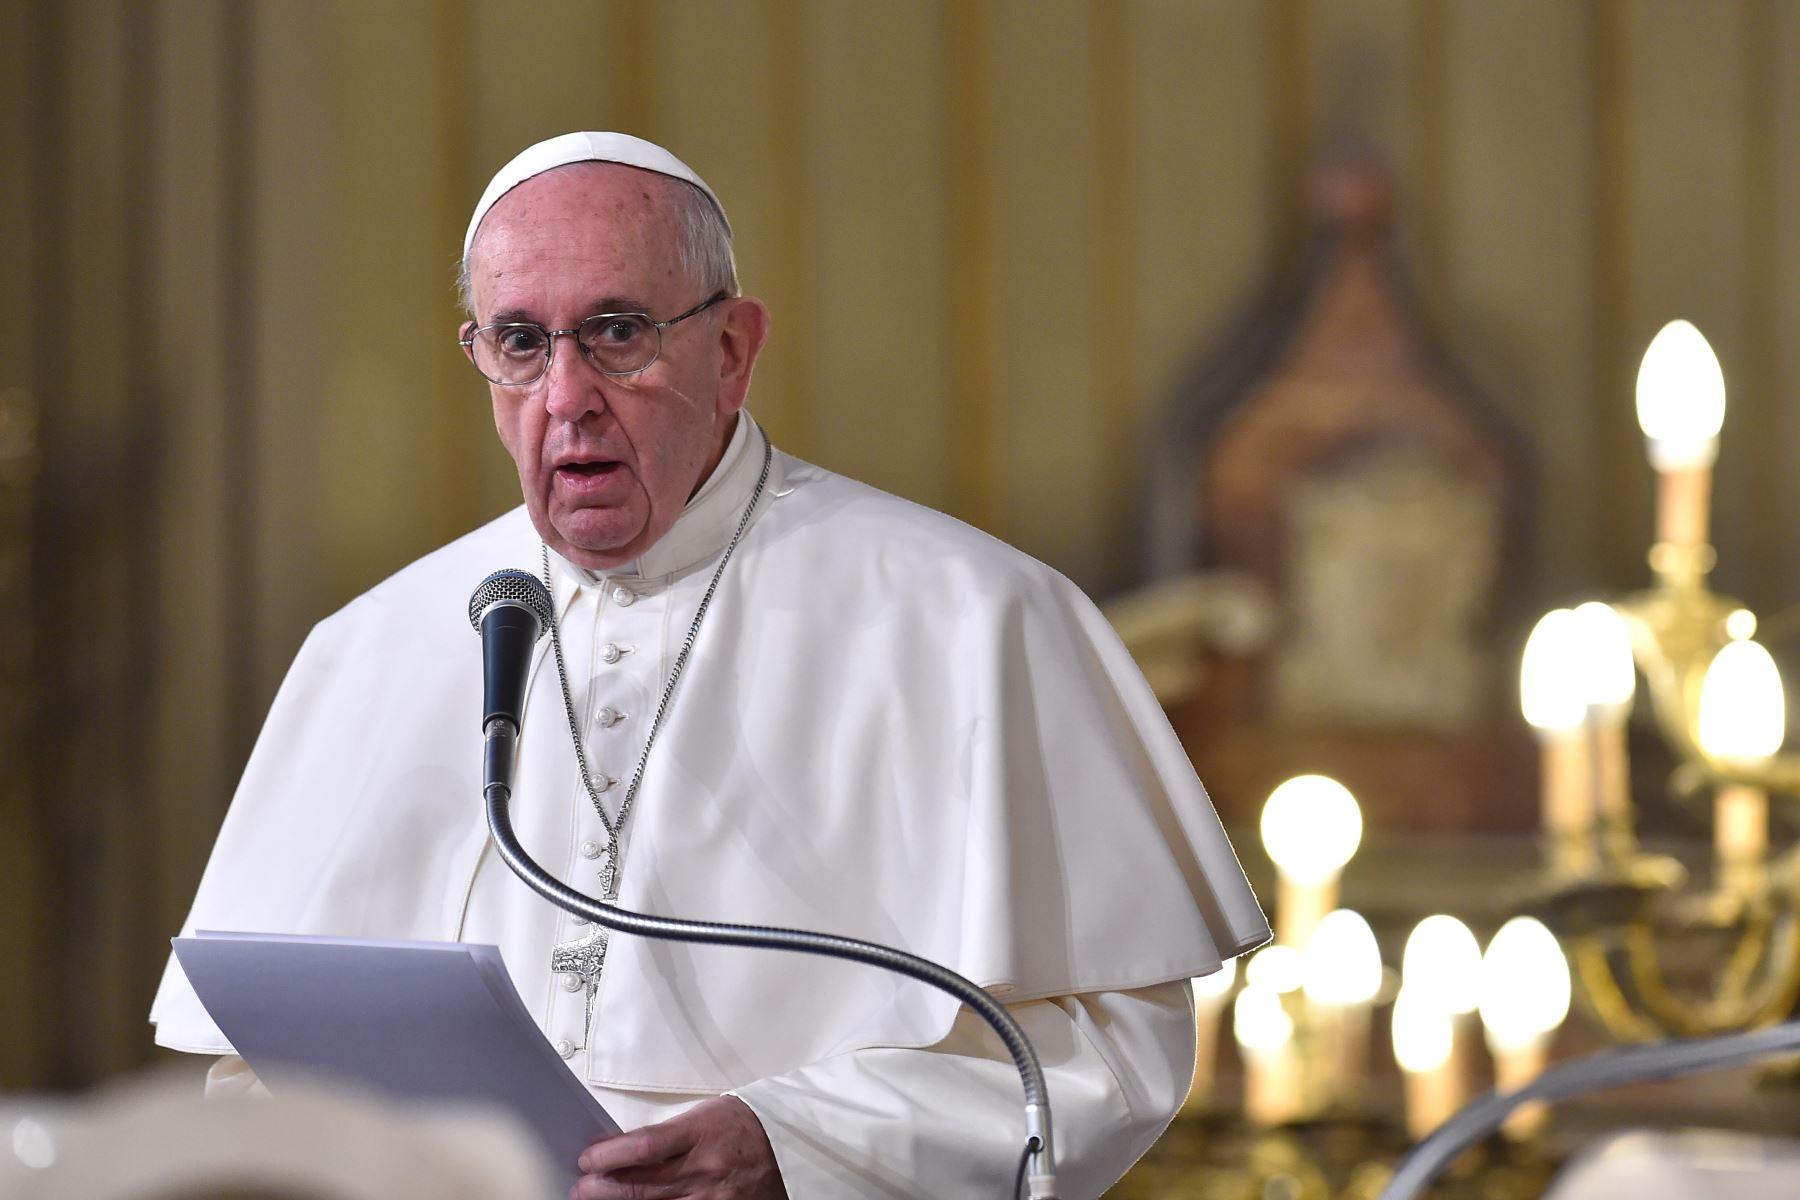 Elementos Del Matrimonio Catolico : Elementos del matrimonio catolico buzÓn catÓlico el